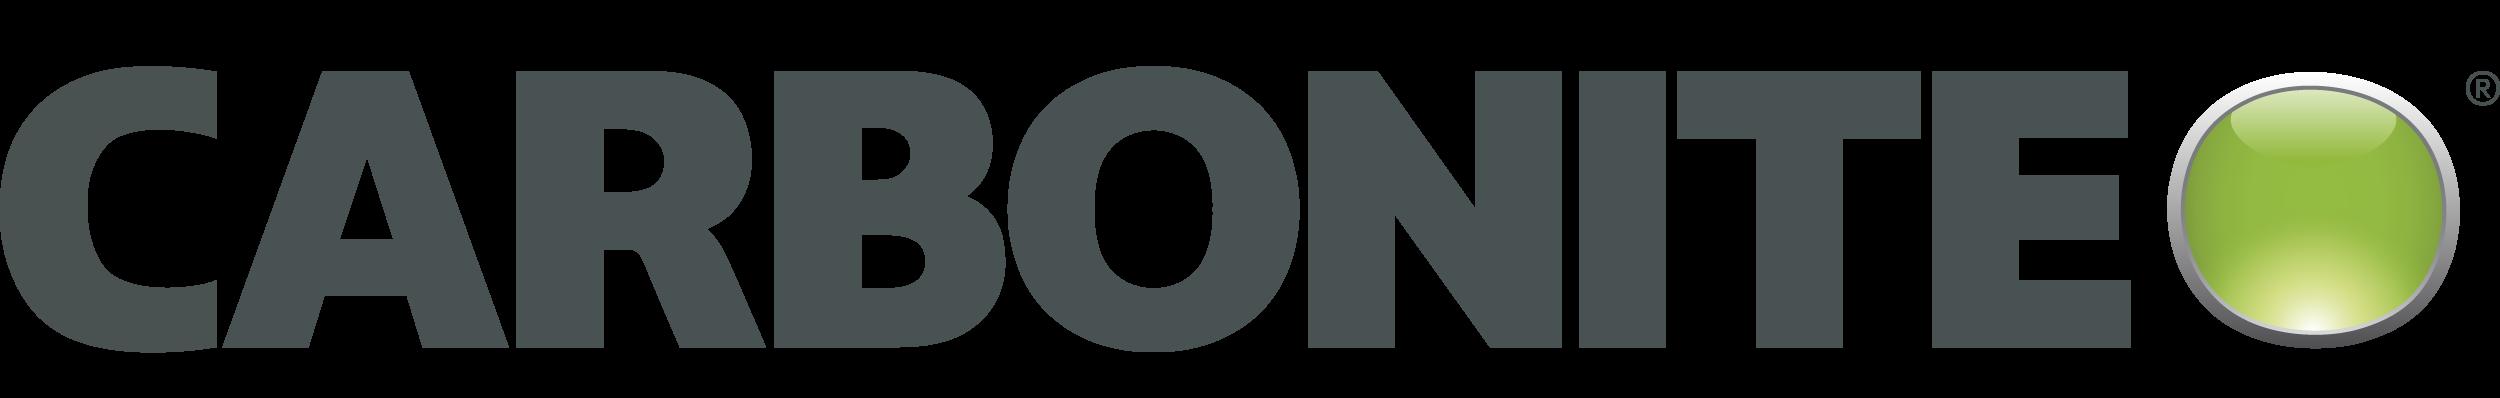 Carbonite Logo.png